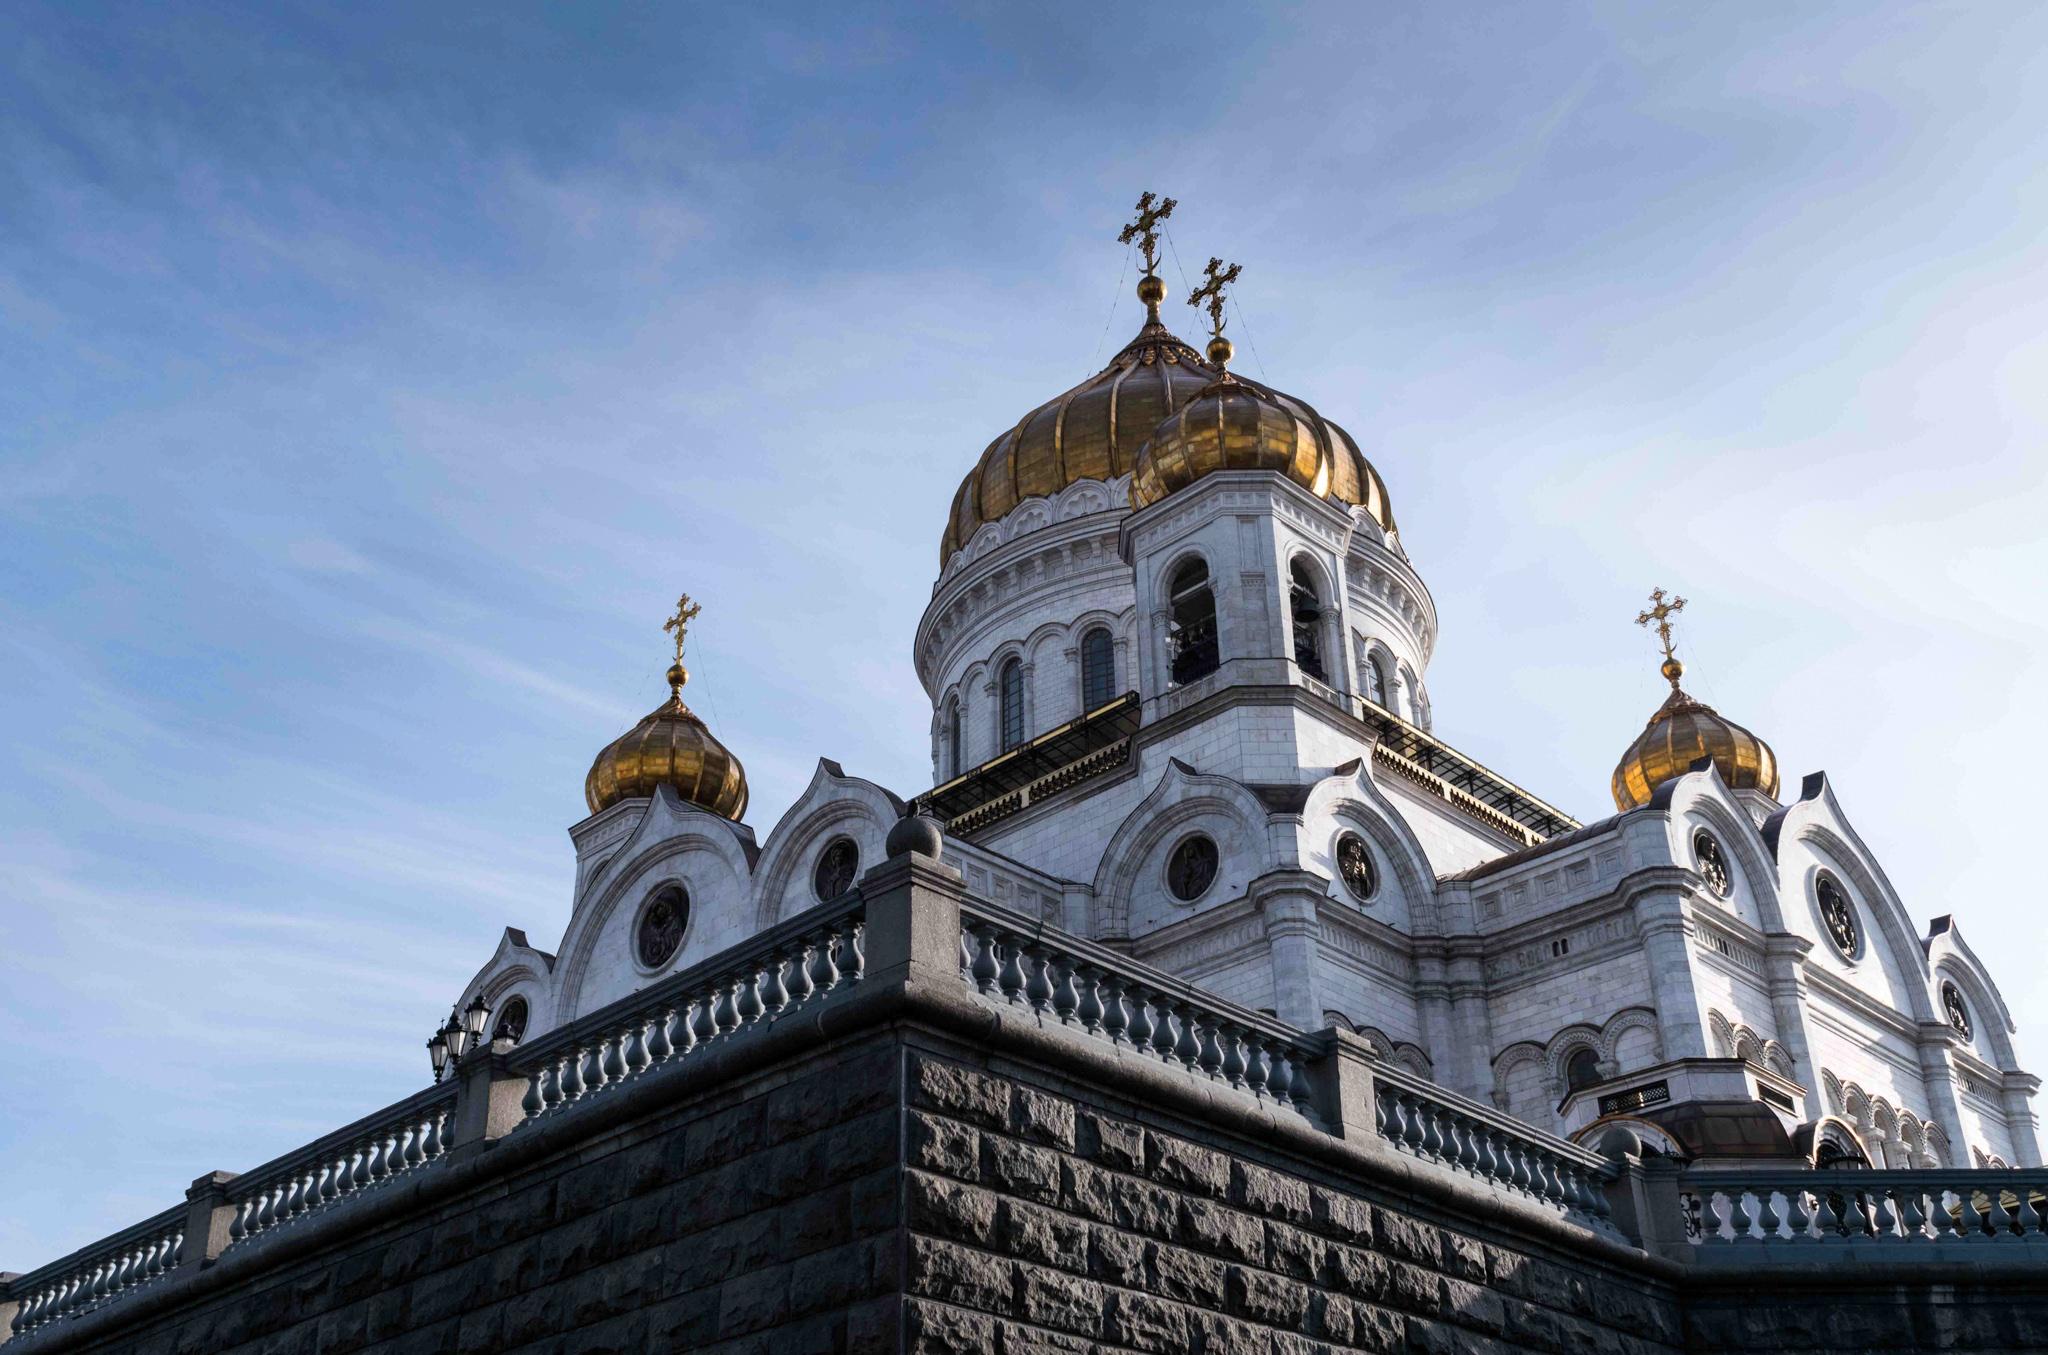 095-KOVÁCS Orsolya (Oradea-RO) - Moscow (RU)